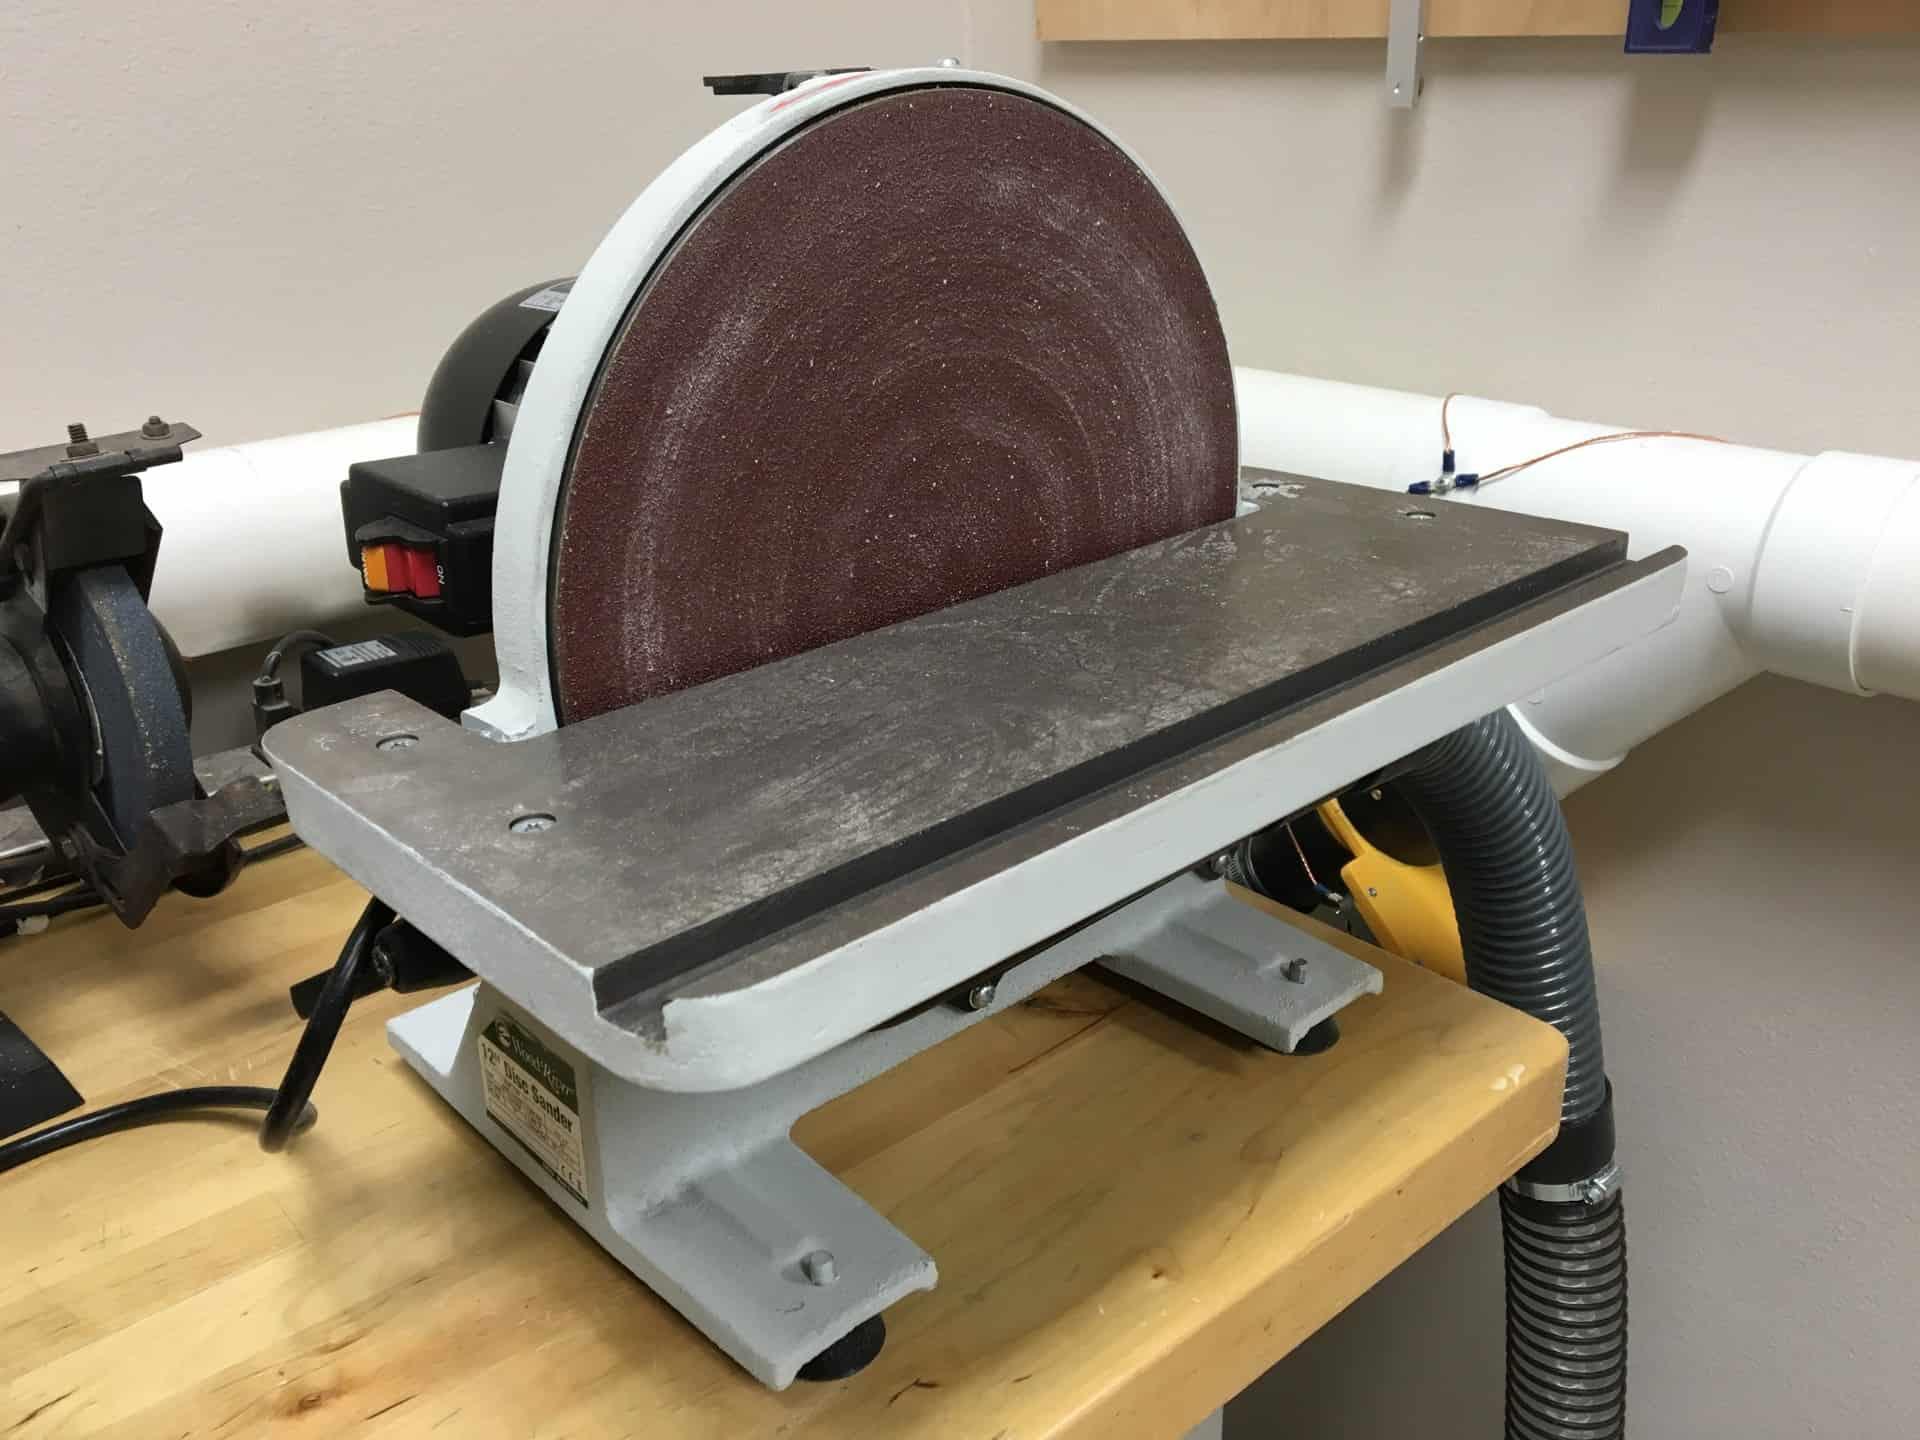 Woodriver 12 inch Disc Sander